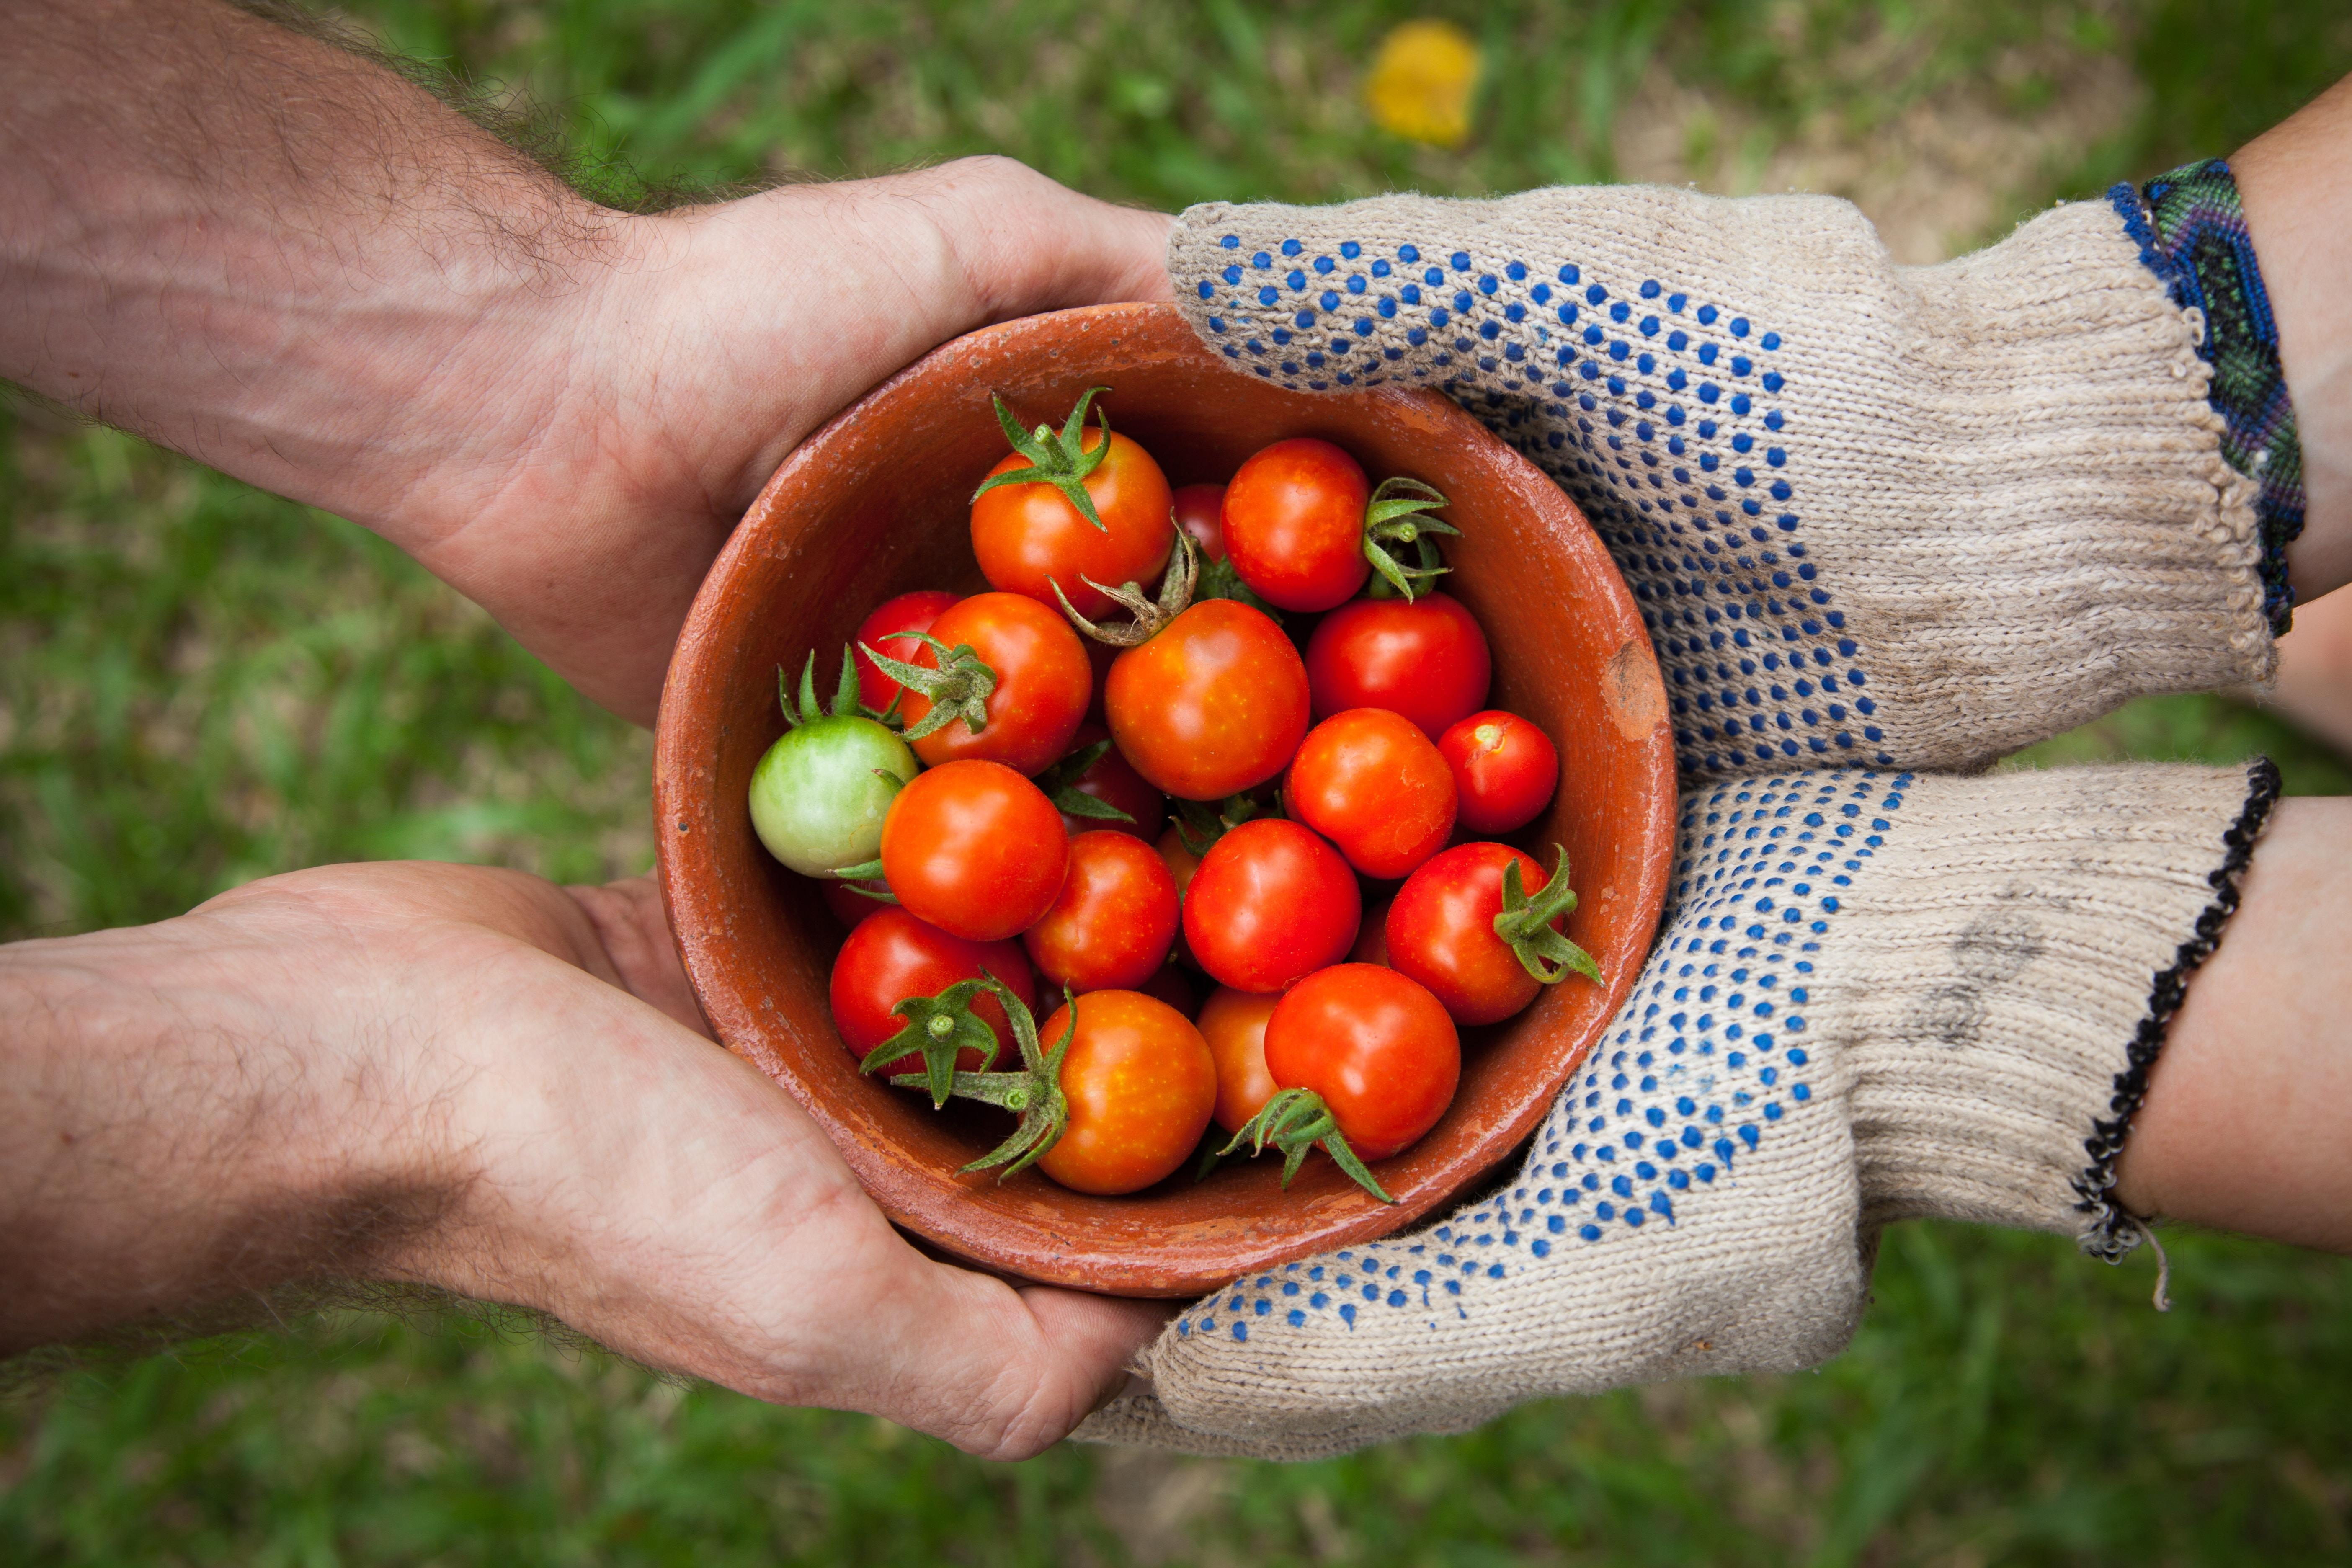 プランター栽培のコツ・注意点まとめ!畑などの露地栽培とはどう違う?